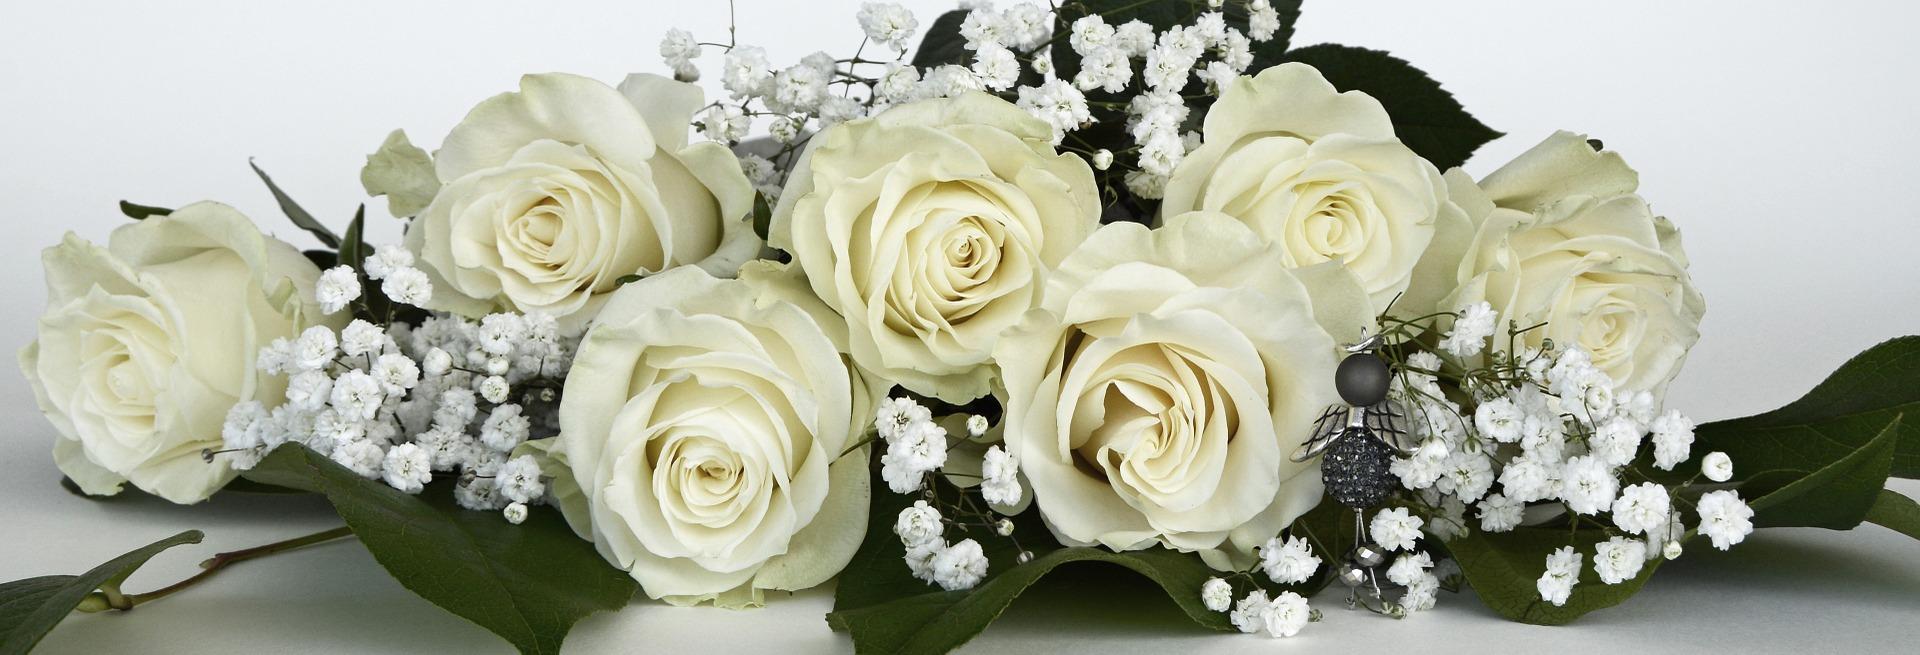 Découvrez nos sublimes roses